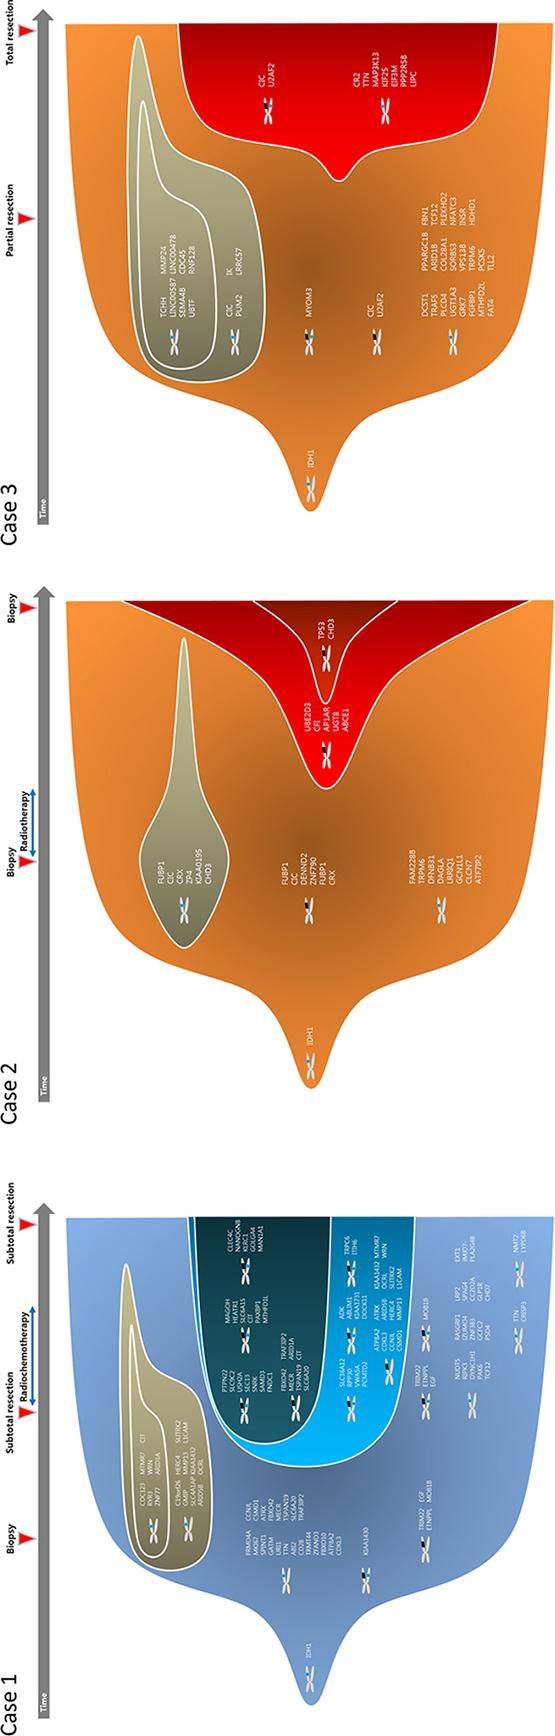 Clonal evolution from low grade to high grade gliomas.